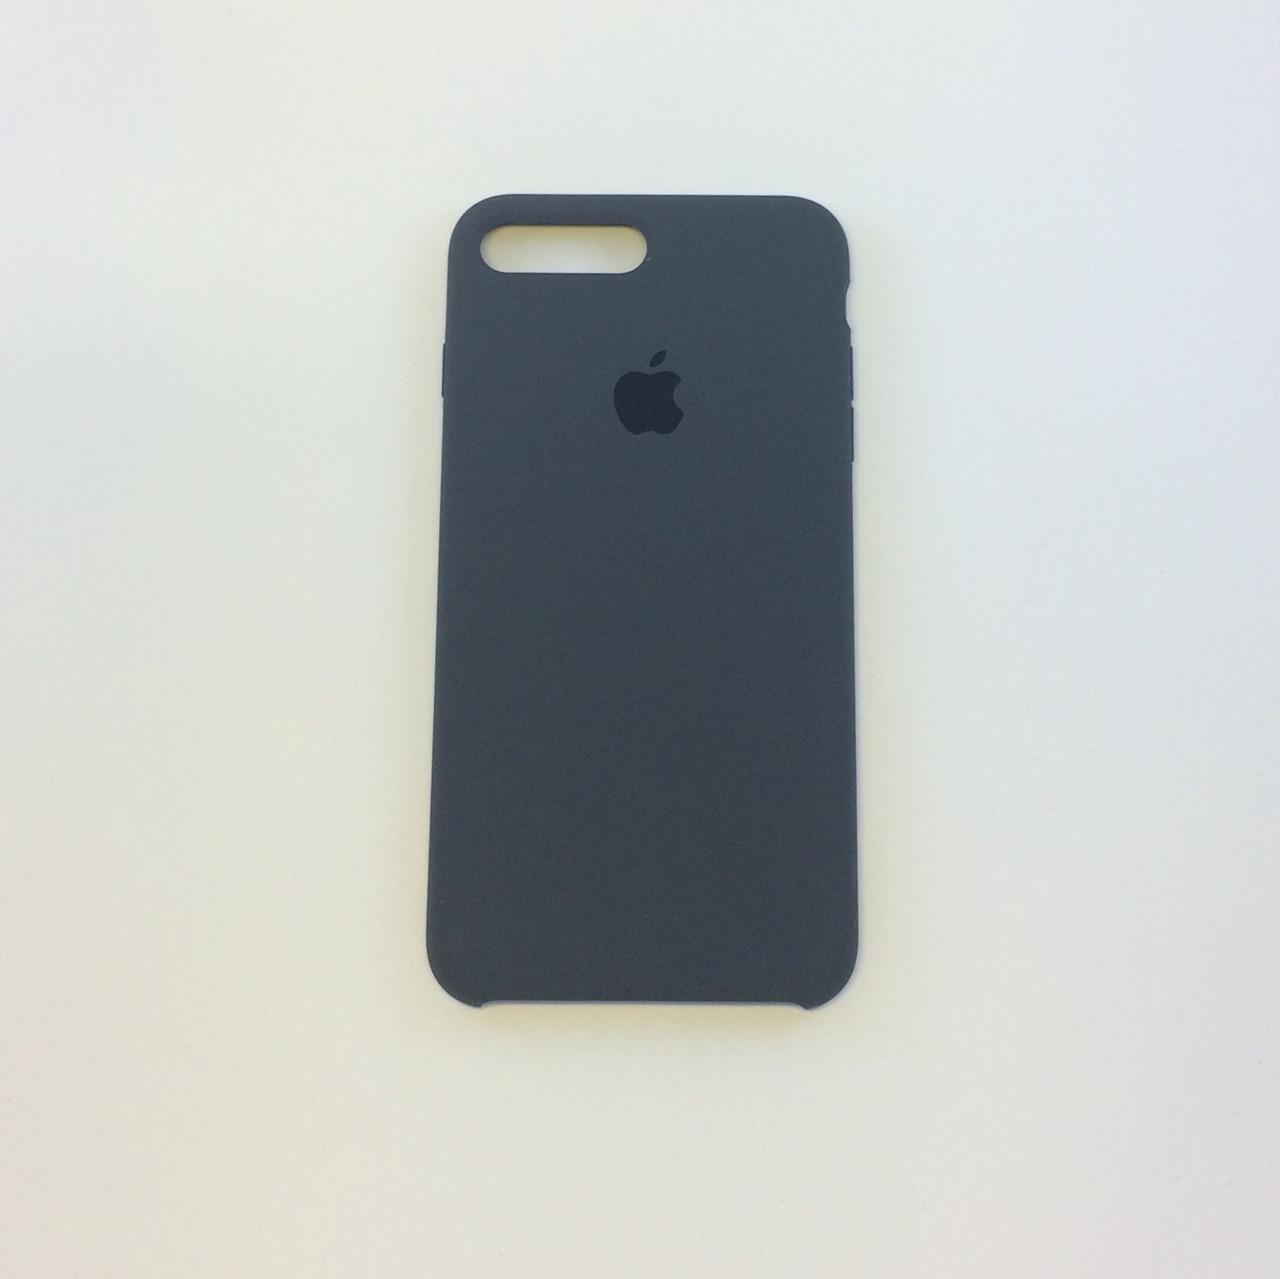 Силиконовый чехол для iPhone 7, - «мокрая галька» - copy original